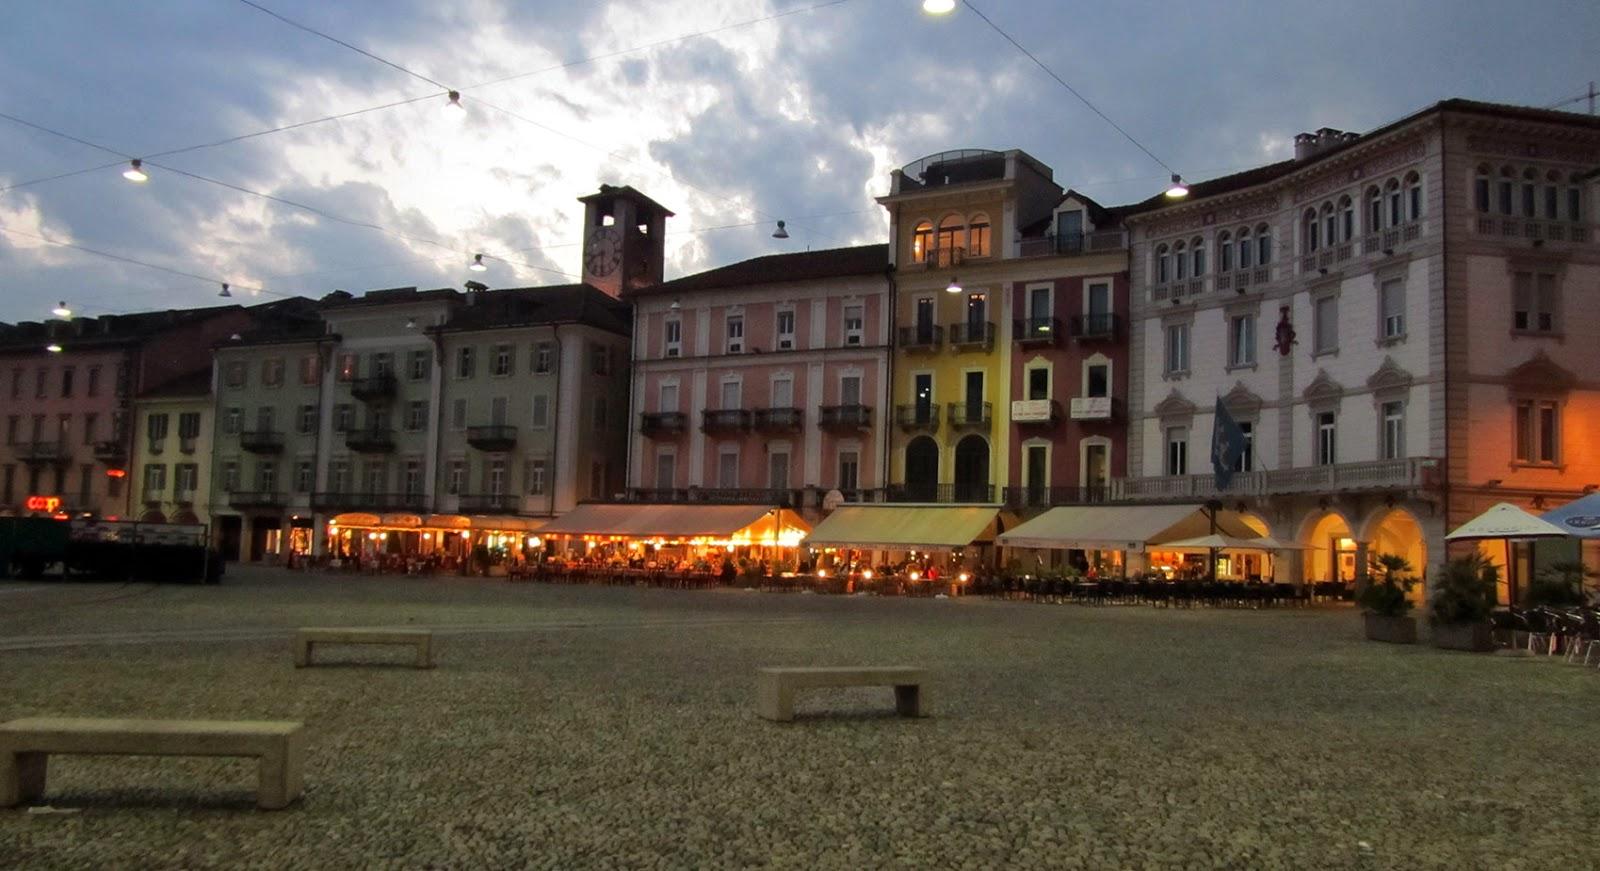 Ticino_Locarno Piazza Grande